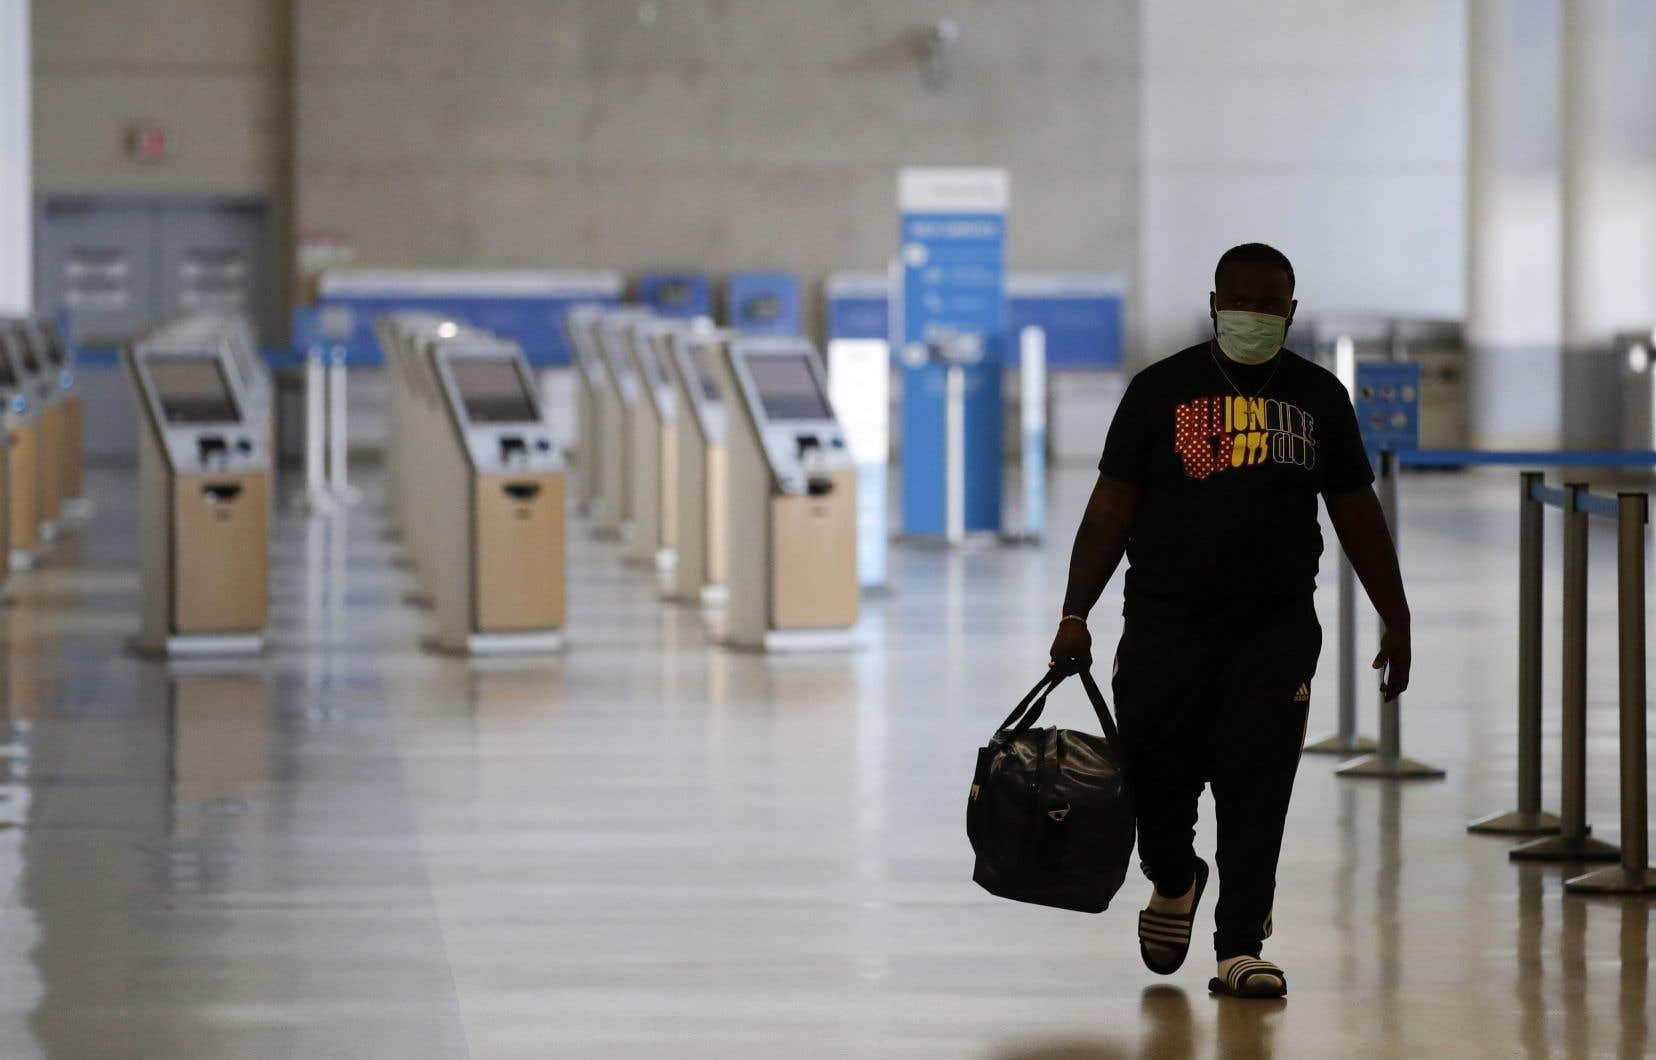 La crise de la COVID-19 a touché de plein fouet le transport aérien en raison du confinement de la population et des restrictions sur les voyages à l'international.